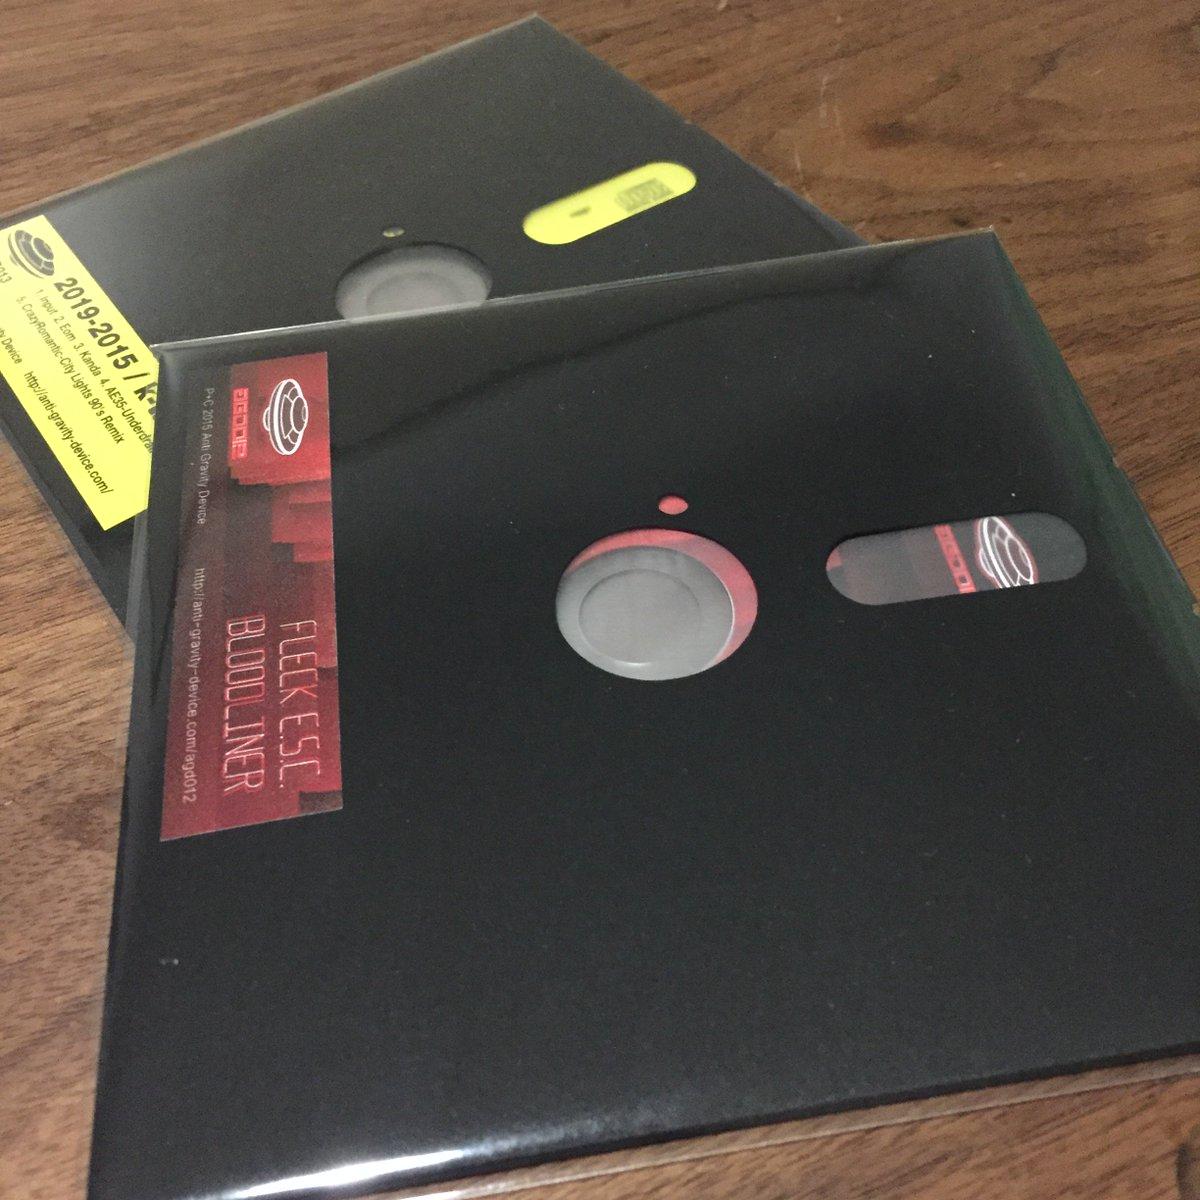 自分が運営するAnti Gravity Deviceから12/17にFleck E.S.C のアルバム Bloodliner [AGD012] をリリース!それに先駆け12/12のTEBPにおいてCD版を先行販売します!ぜひ! https://t.co/OlGFQTCita